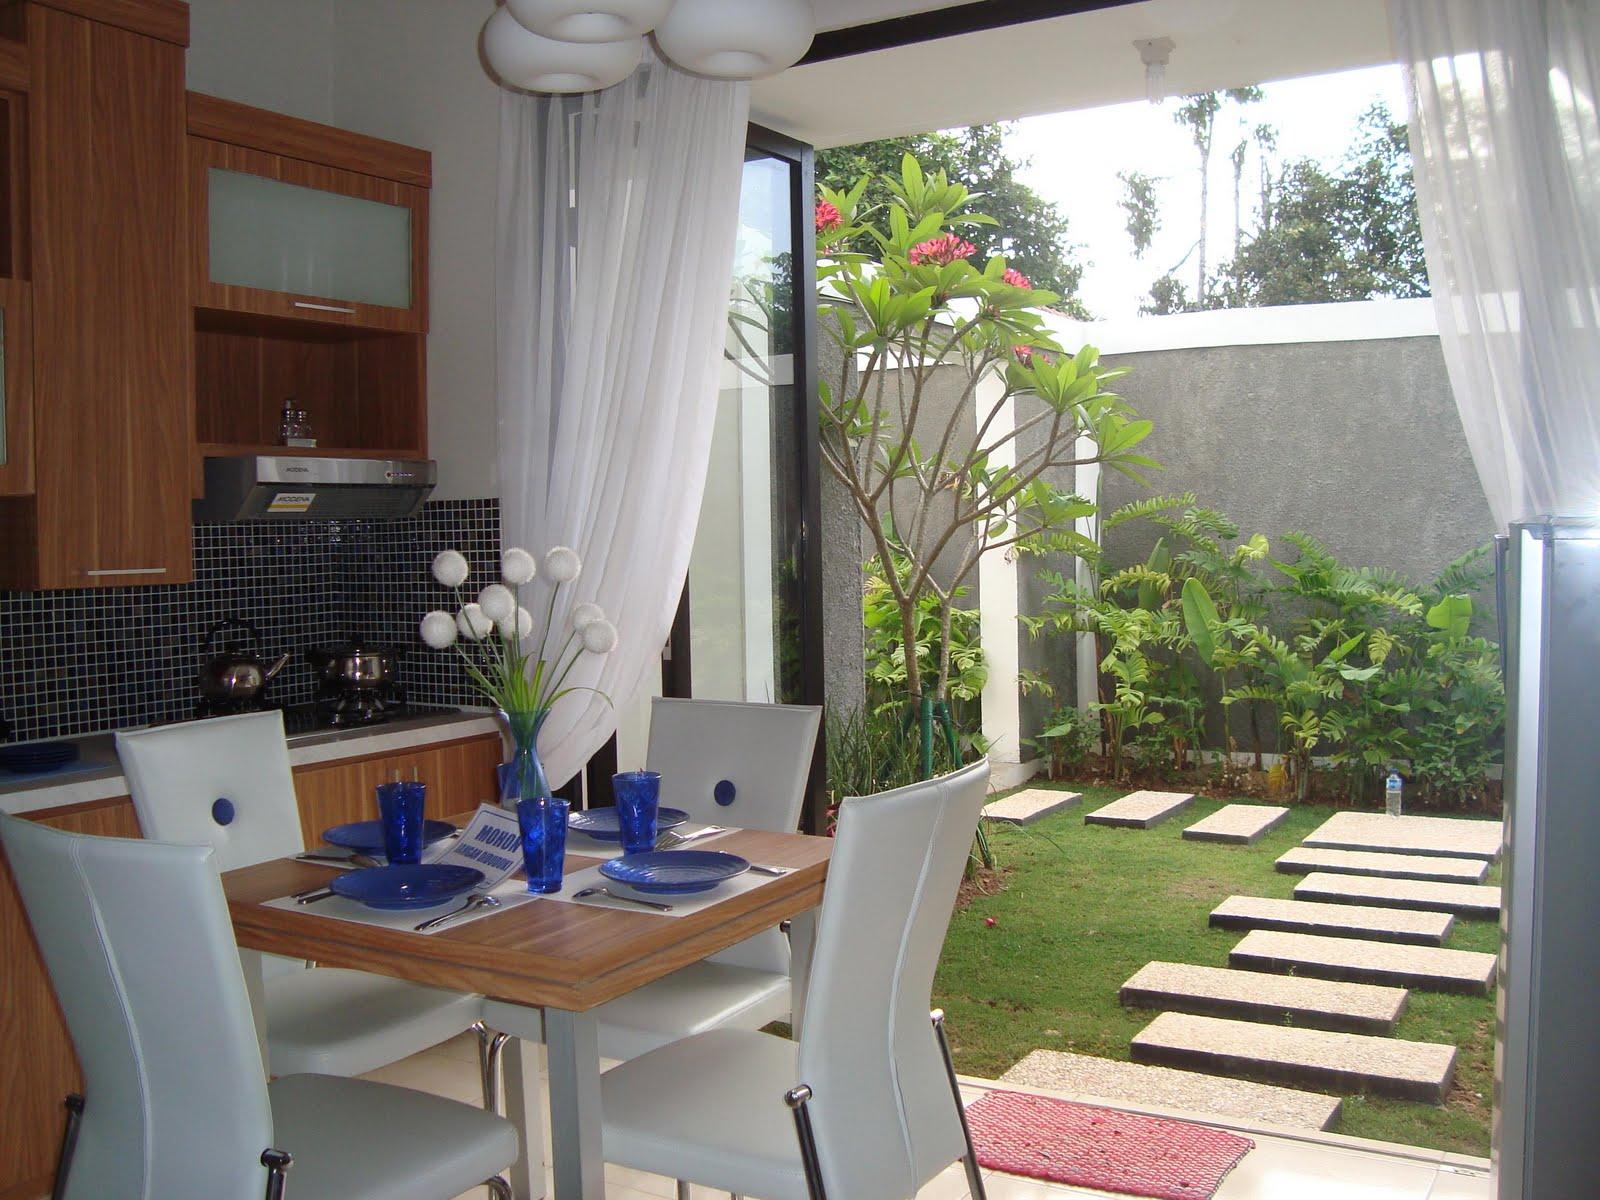 Desain Interior Ruang Makan Sederhana Minimalis Modern ...